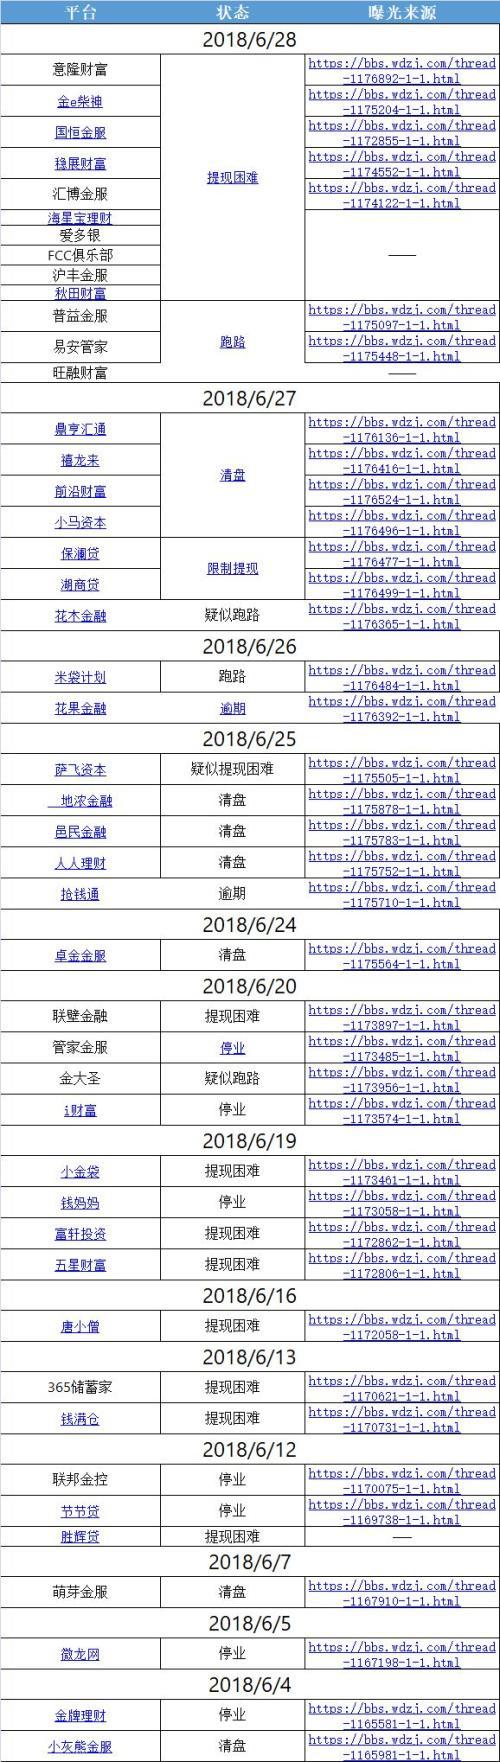 """备案延期、平台频暴雷 P2P网贷的""""惶恐六月""""的照片 - 3"""